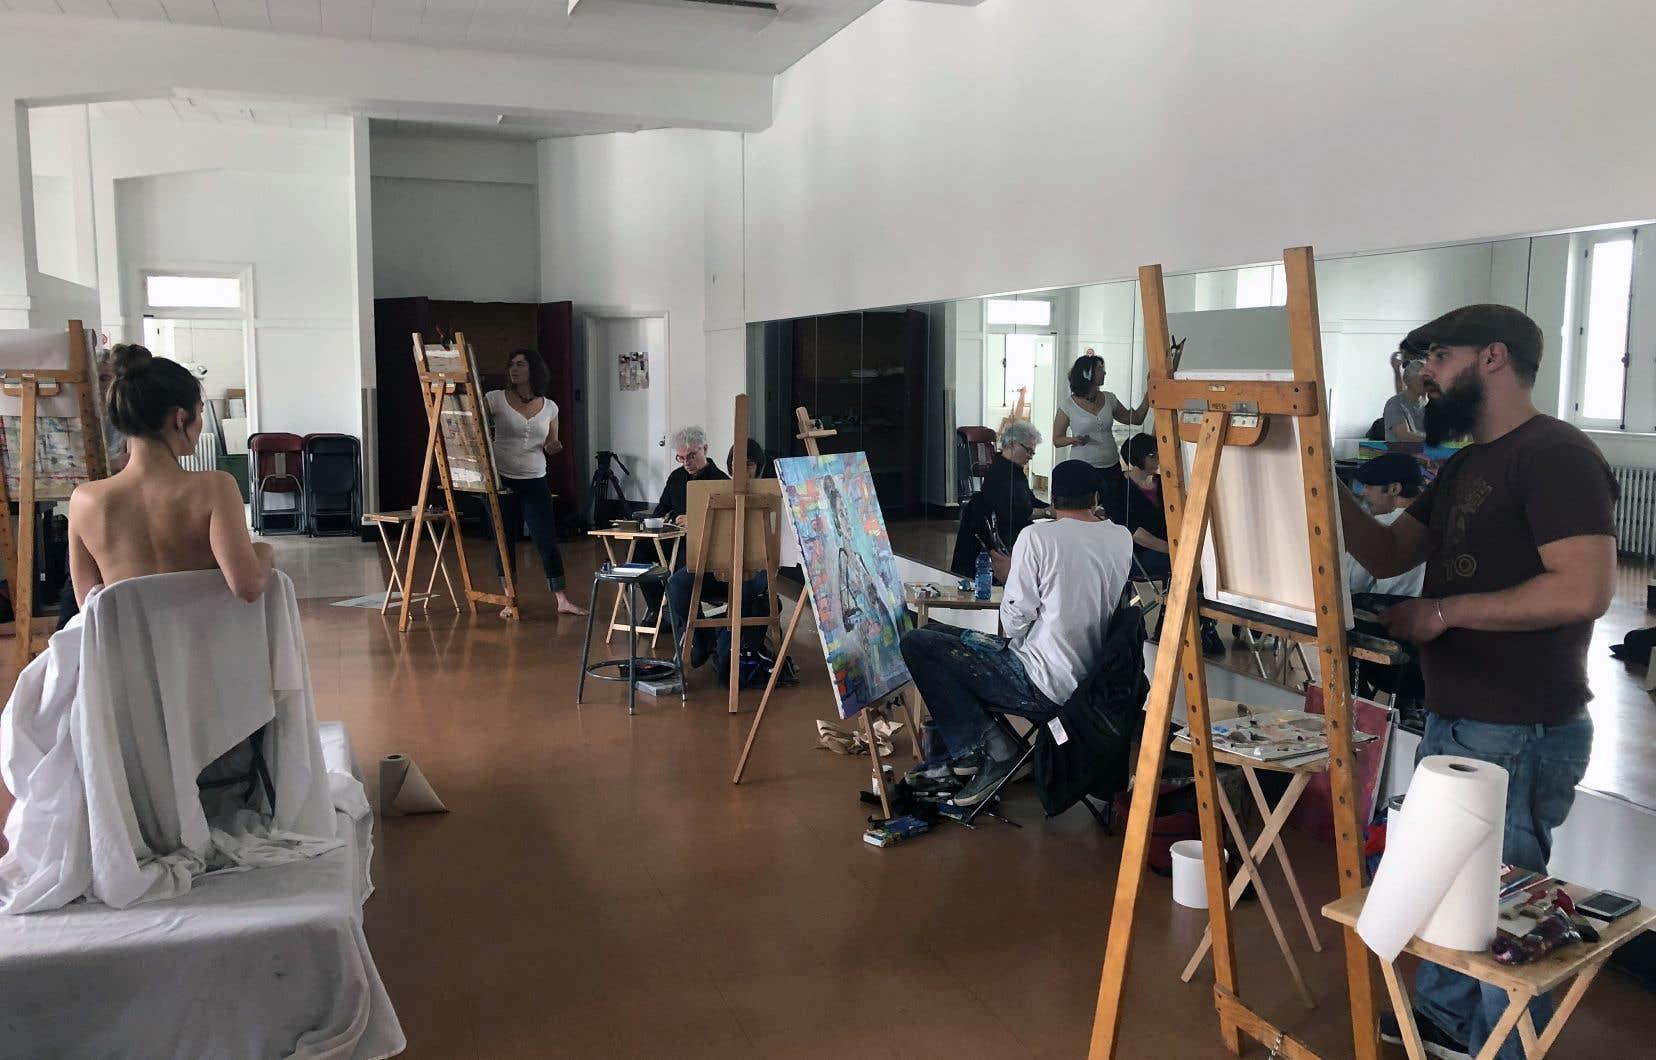 Dans l'épisode sur la nudité, l'animatrice Maripier Morin pose dévêtue dans un atelier d'artistes pour apprendre à accepter son corps.